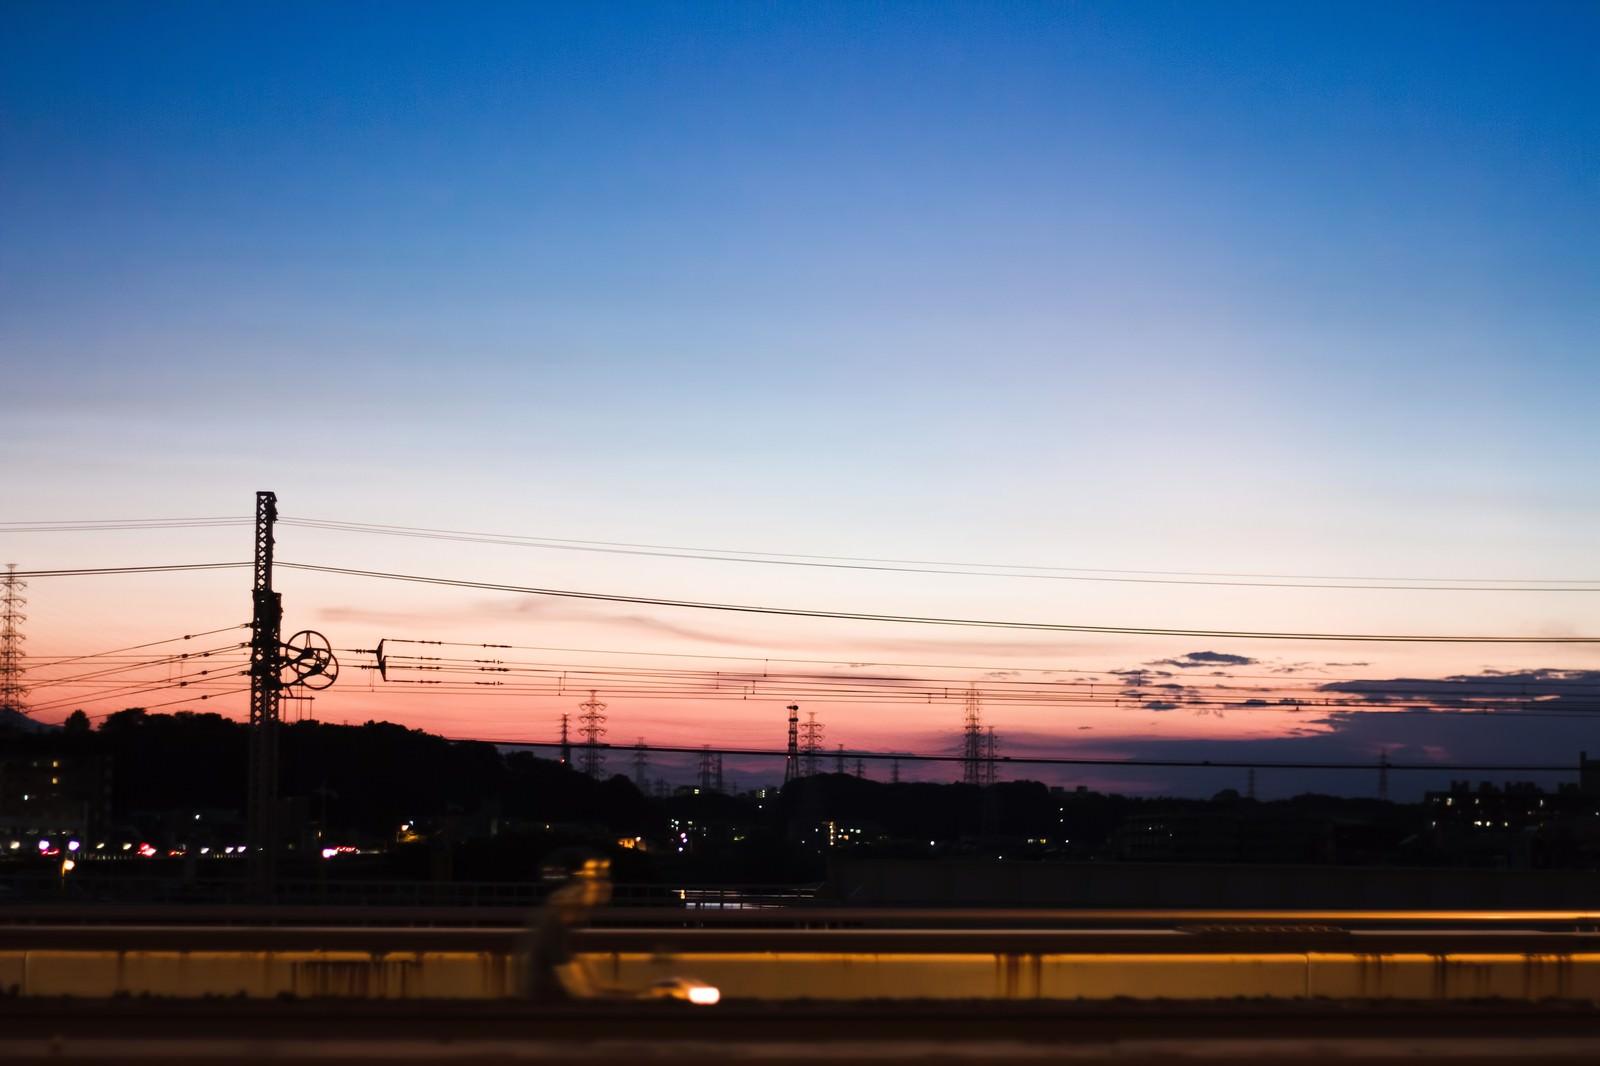 「夕暮れ空」の写真